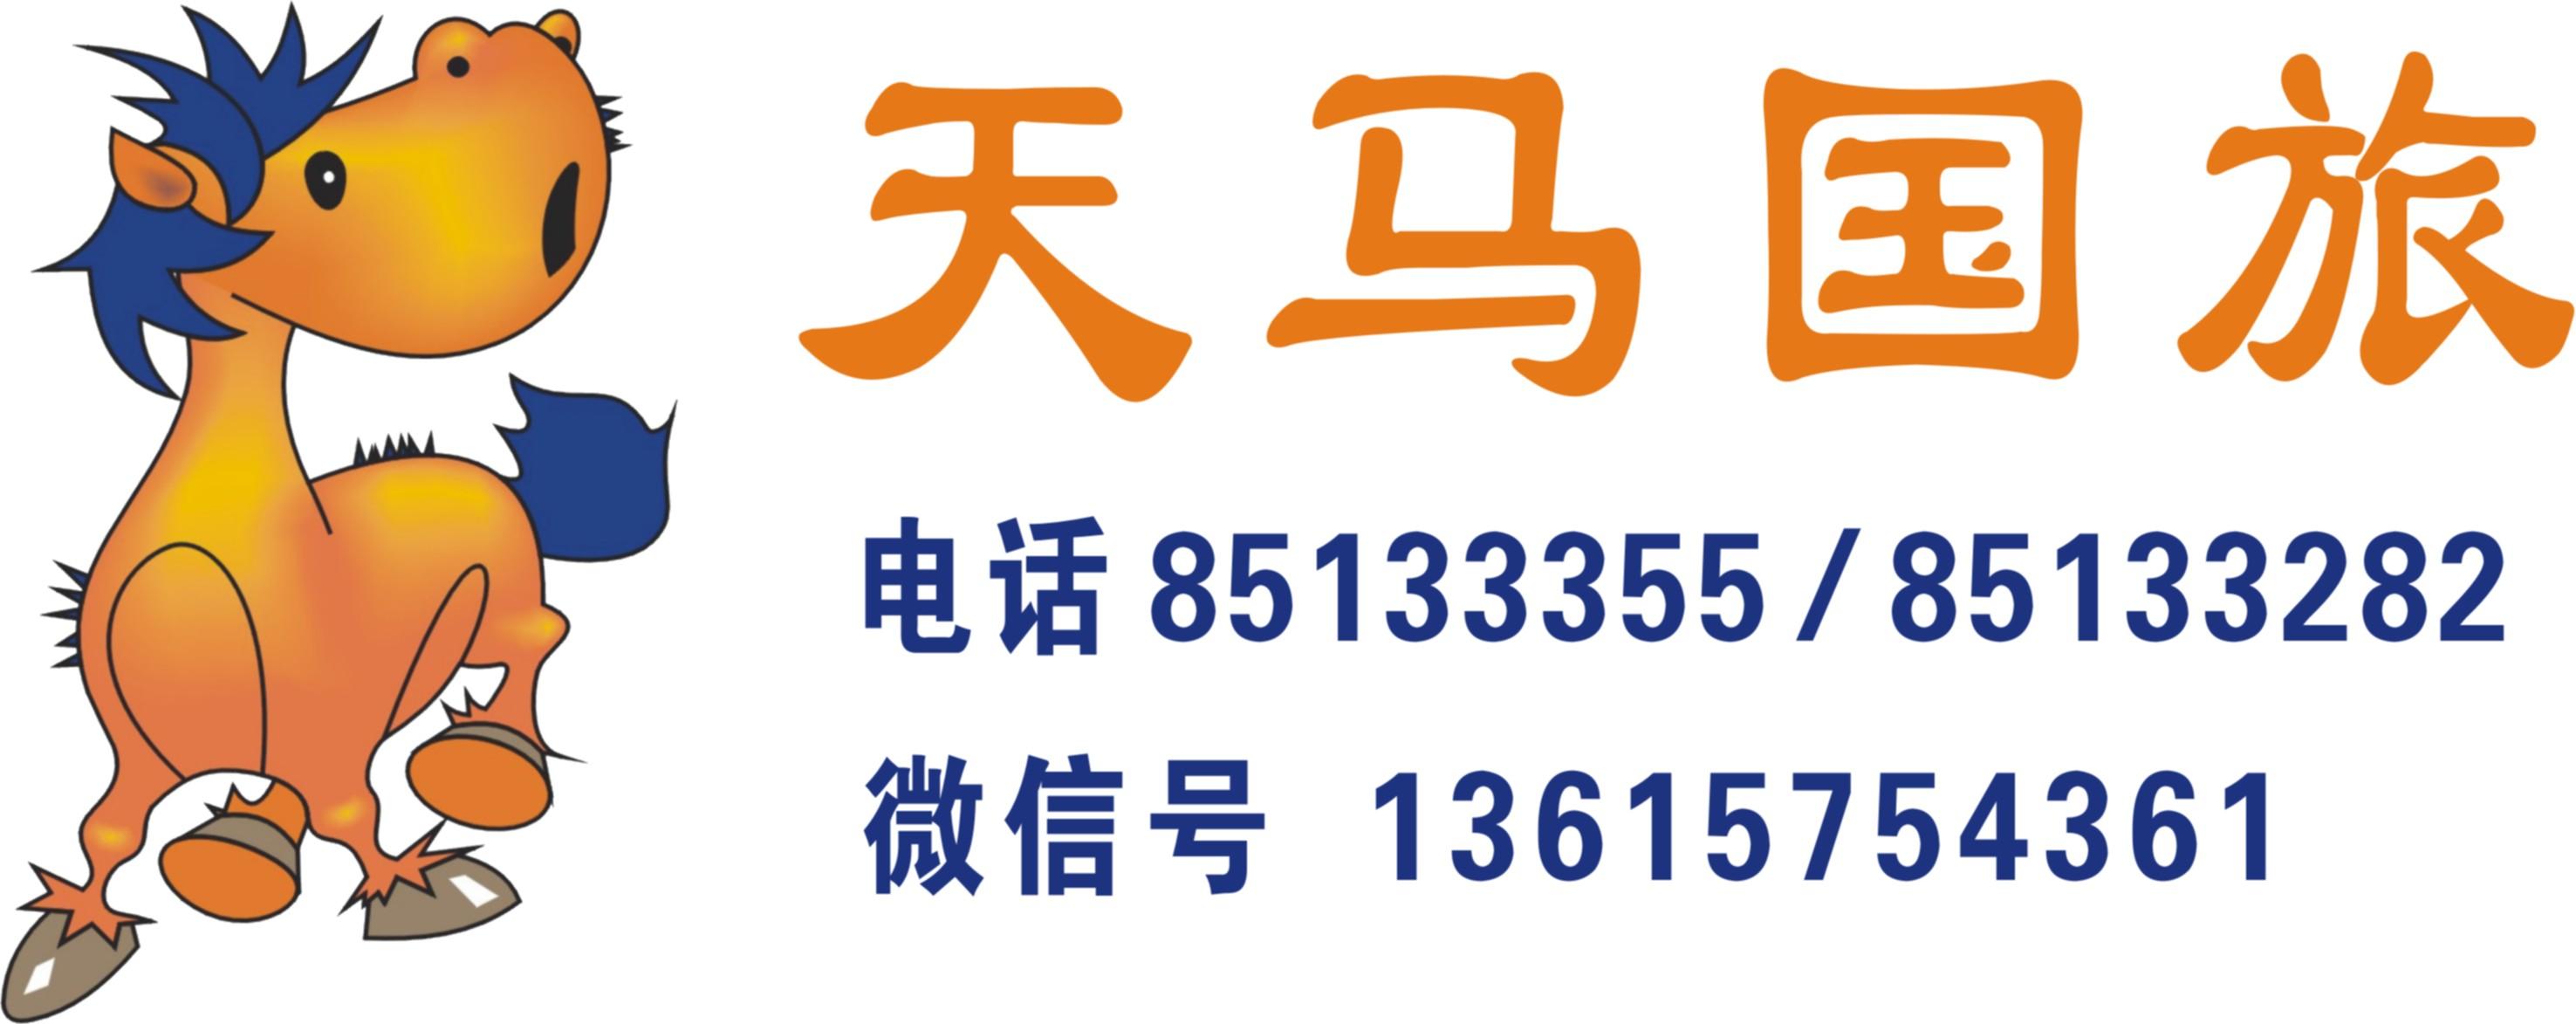 4.20【大美黄山、水墨宏村、徽州古街经典品质二日】住山下